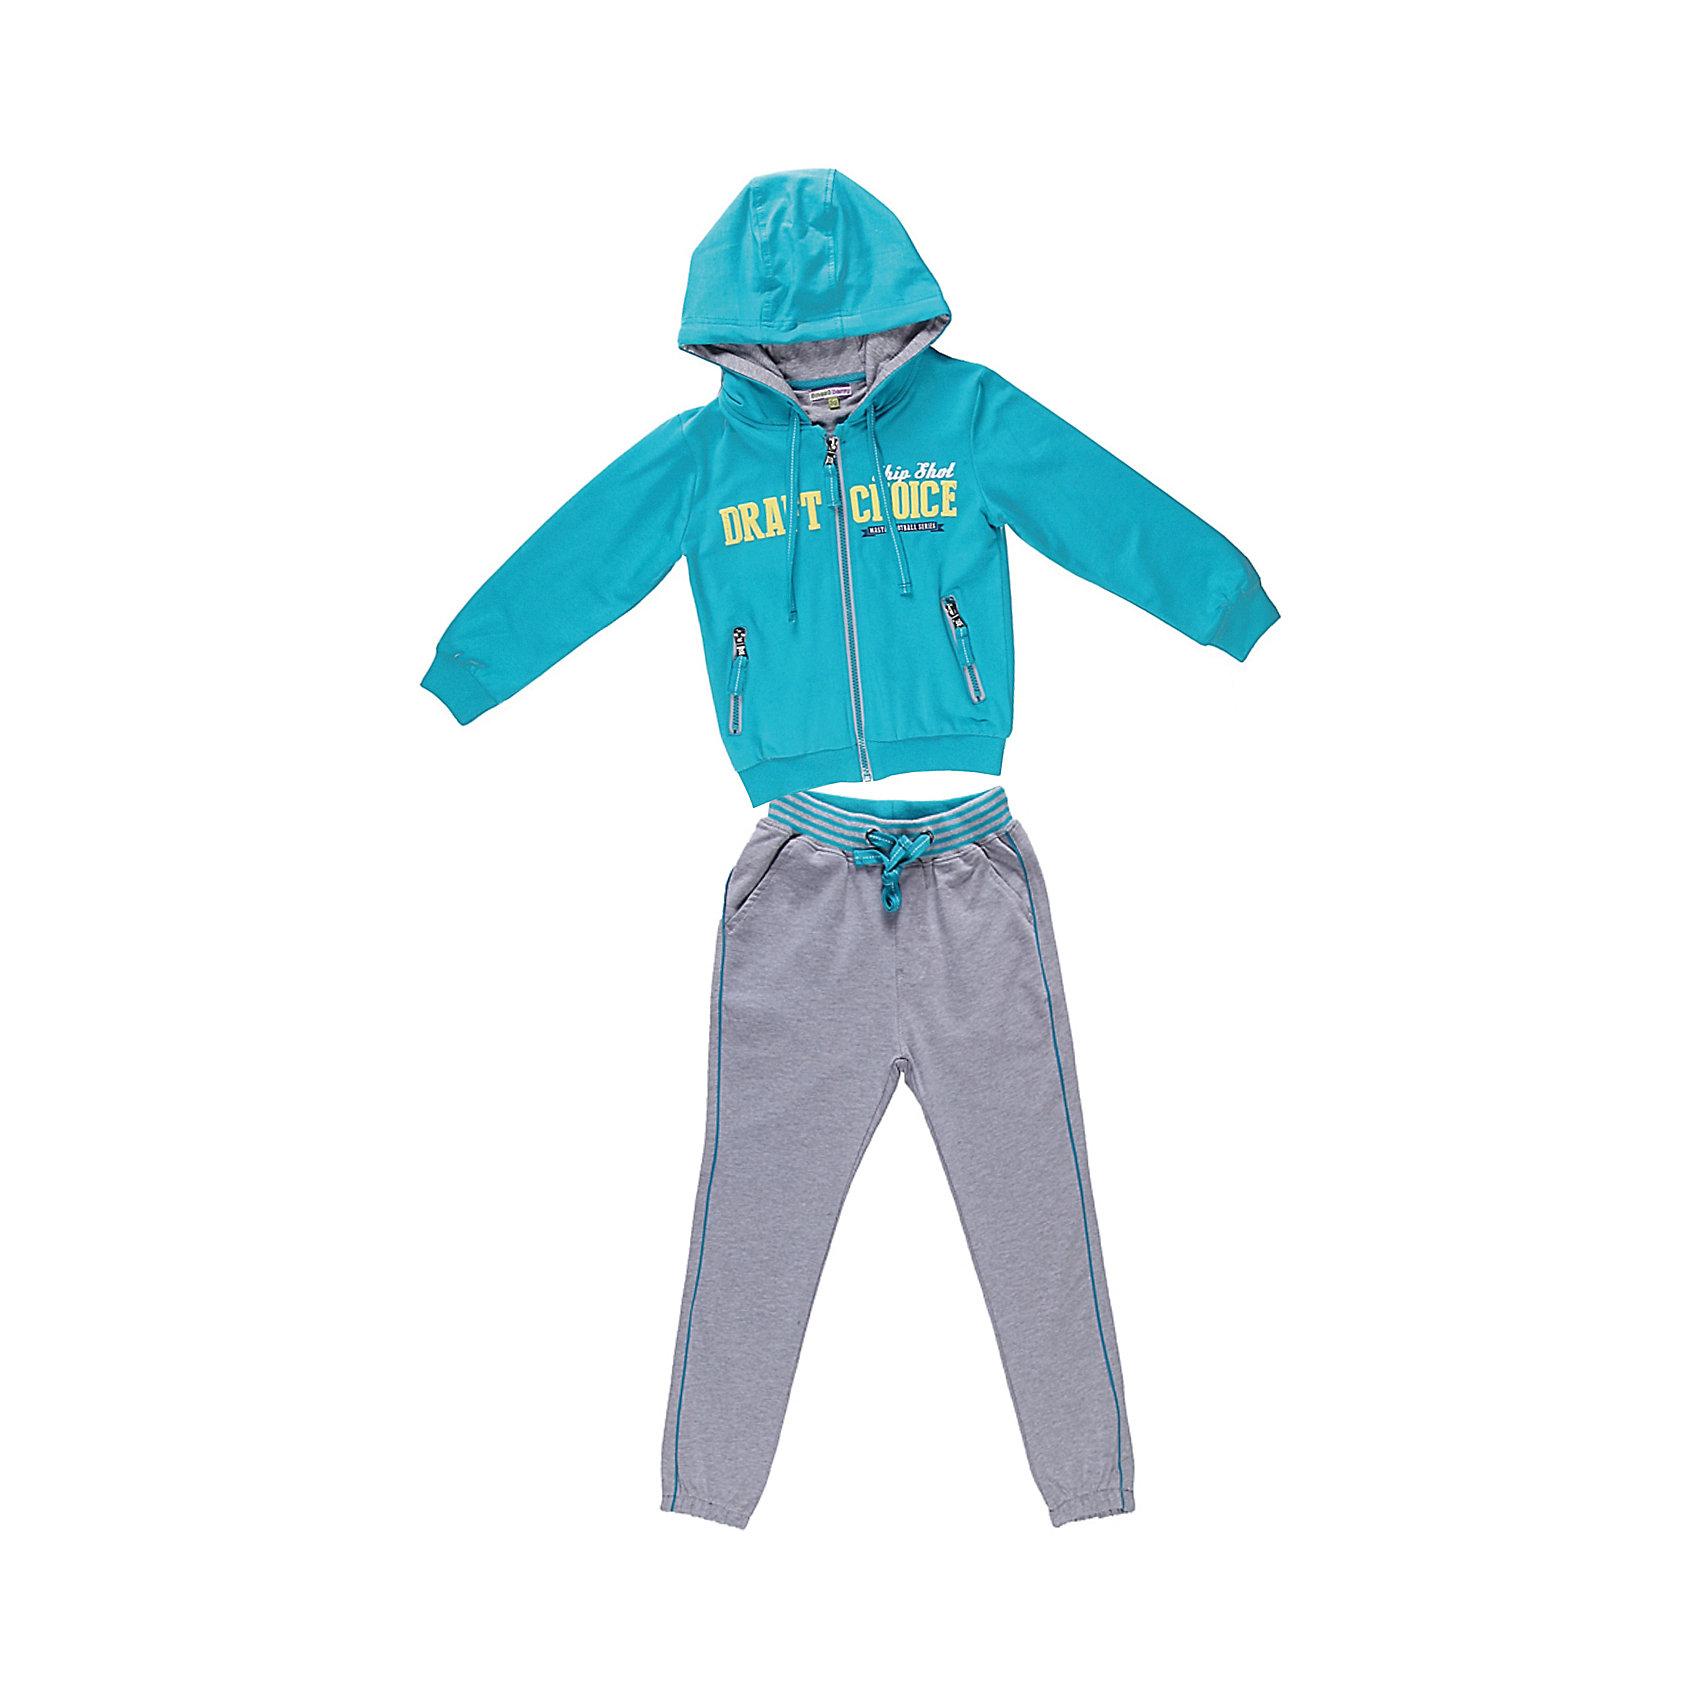 Спортивный костюм для мальчика Sweet BerryКомплекты<br>Яркий спортивный костюм для мальчика. Толстовка с капюшоном на яркой трикотажной подкладке. Украшена ярким принтом. Брюки на поясе с трикотажной резинкой, регулируется хлопковым шнурком.<br>Состав:<br>95% хлопок 5% эластан<br><br>Ширина мм: 247<br>Глубина мм: 16<br>Высота мм: 140<br>Вес г: 225<br>Цвет: серо-голубой<br>Возраст от месяцев: 24<br>Возраст до месяцев: 36<br>Пол: Мужской<br>Возраст: Детский<br>Размер: 98,104,128,122,116,110<br>SKU: 4522726